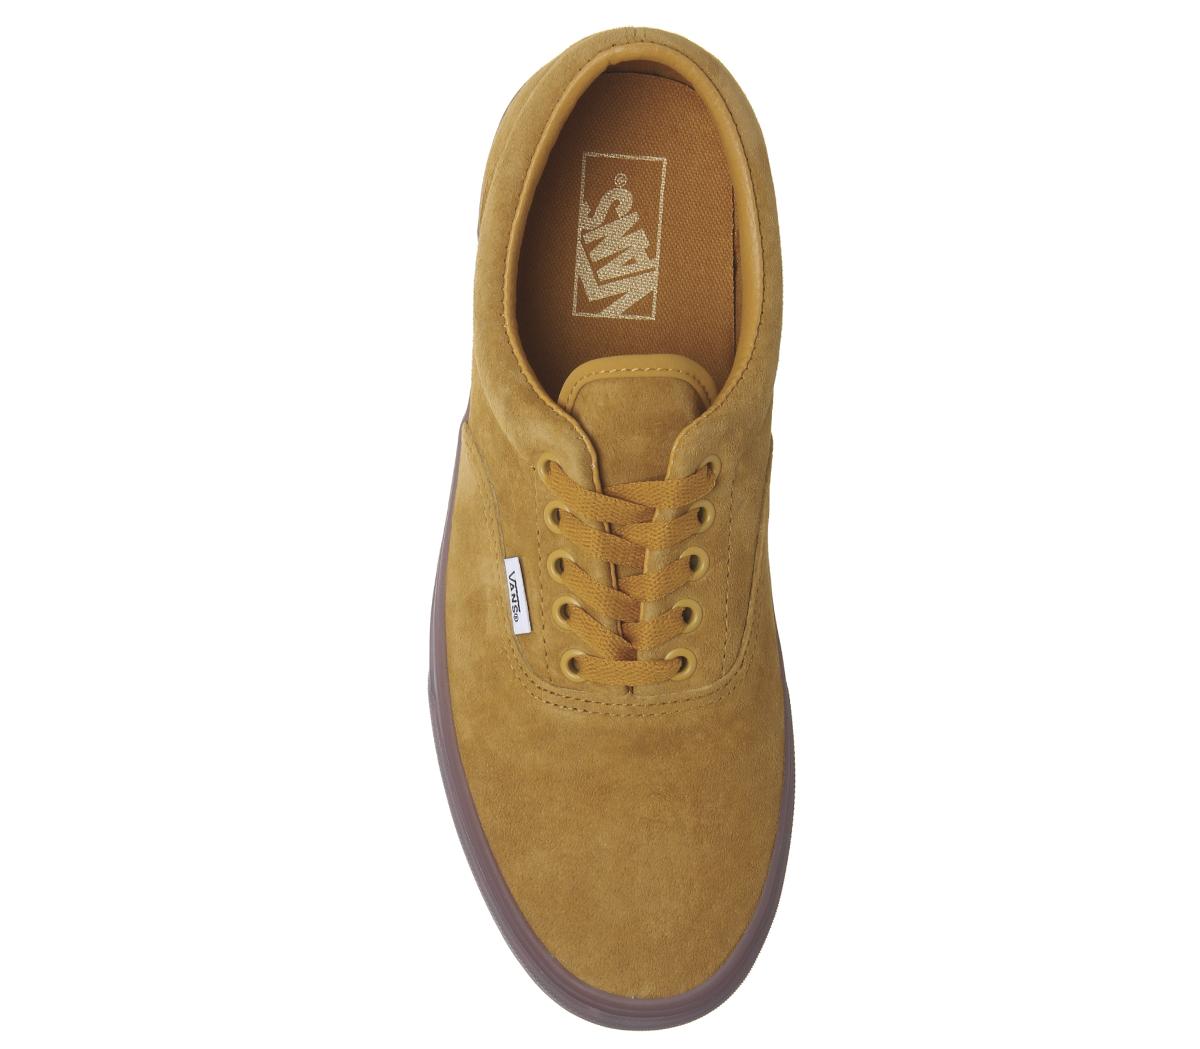 4098a1c4cd7 CENTINELA Hombres Vans Era entrenadores Checker girasol hielo único  entrenadores exclusivos zapatos